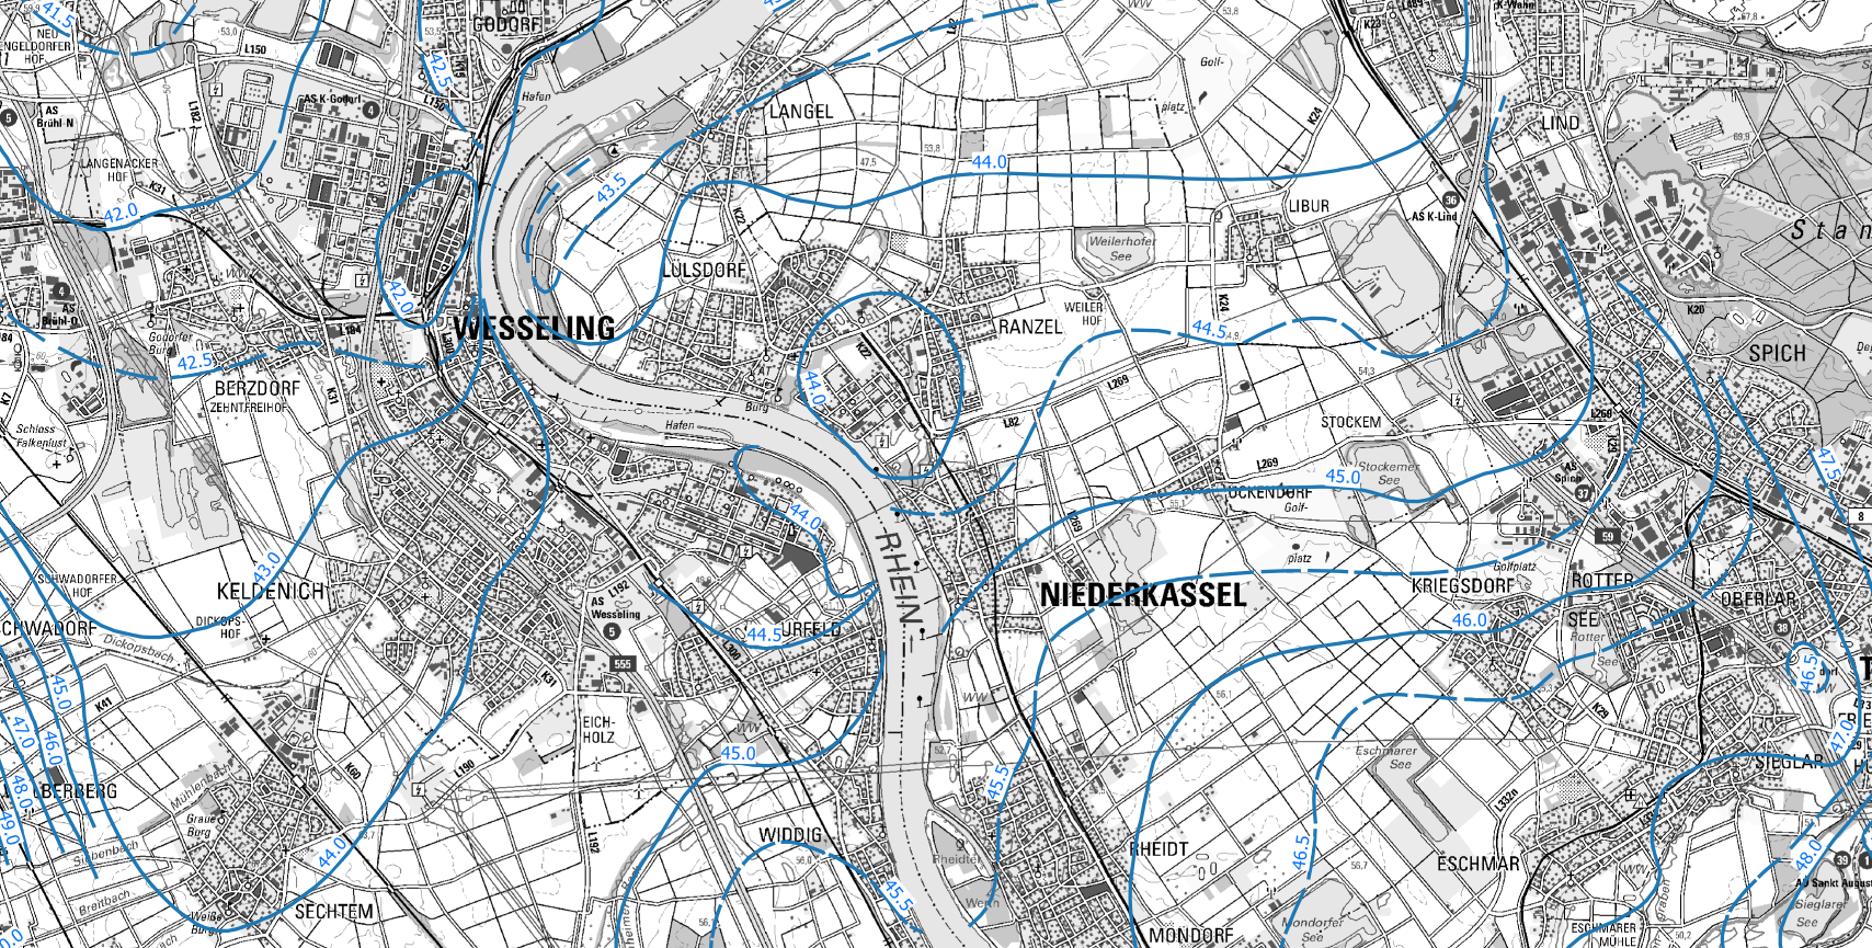 Planungsraum für die Rheinspange